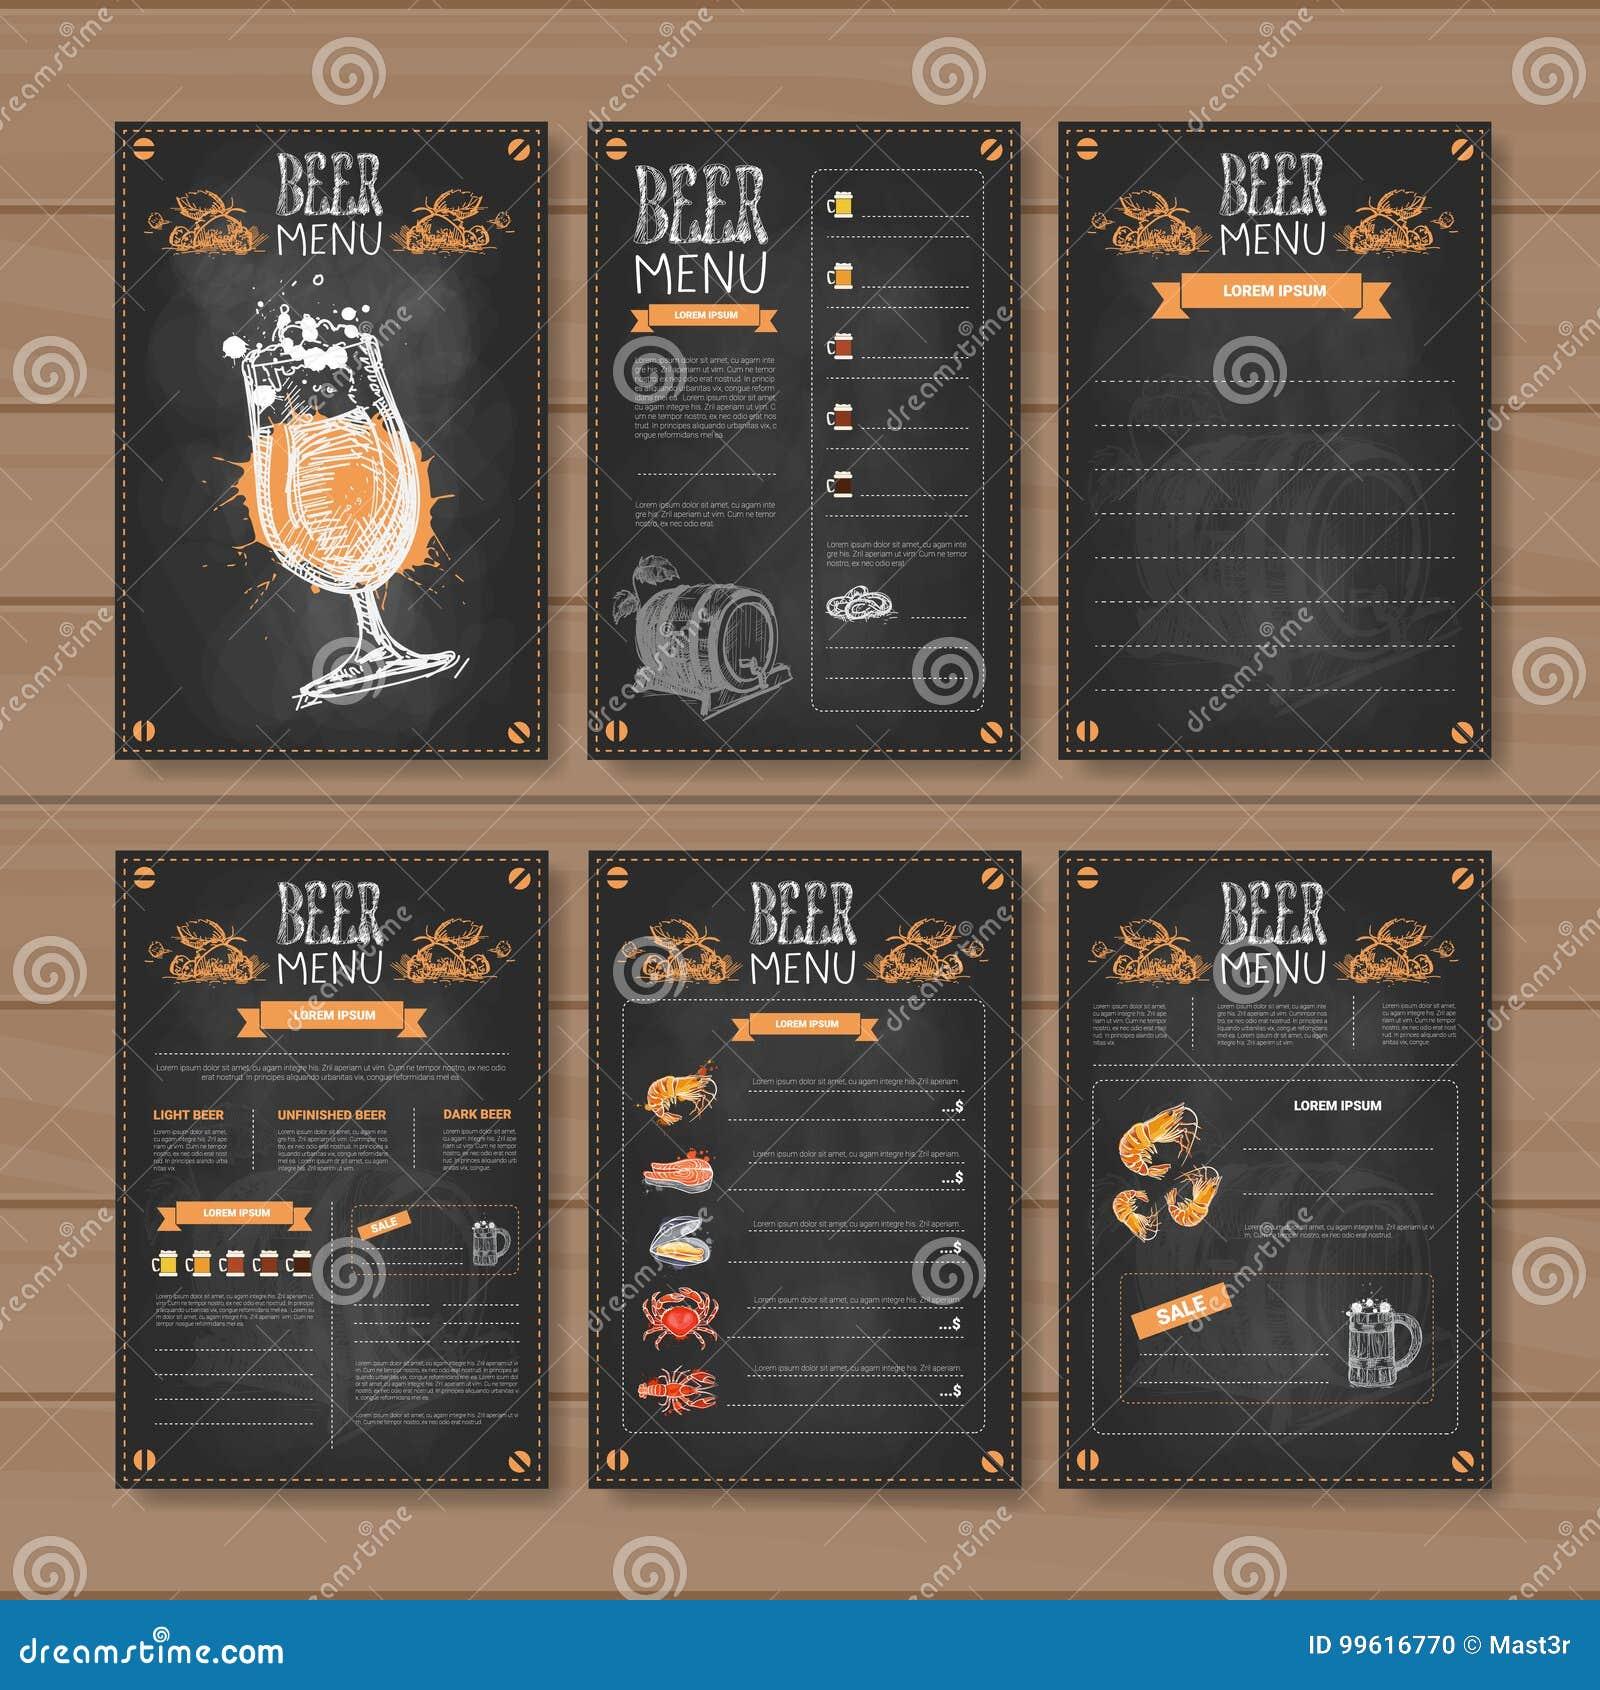 Beer Menu Set Design For Restaurant Cafe Pub Chalked On Wooden